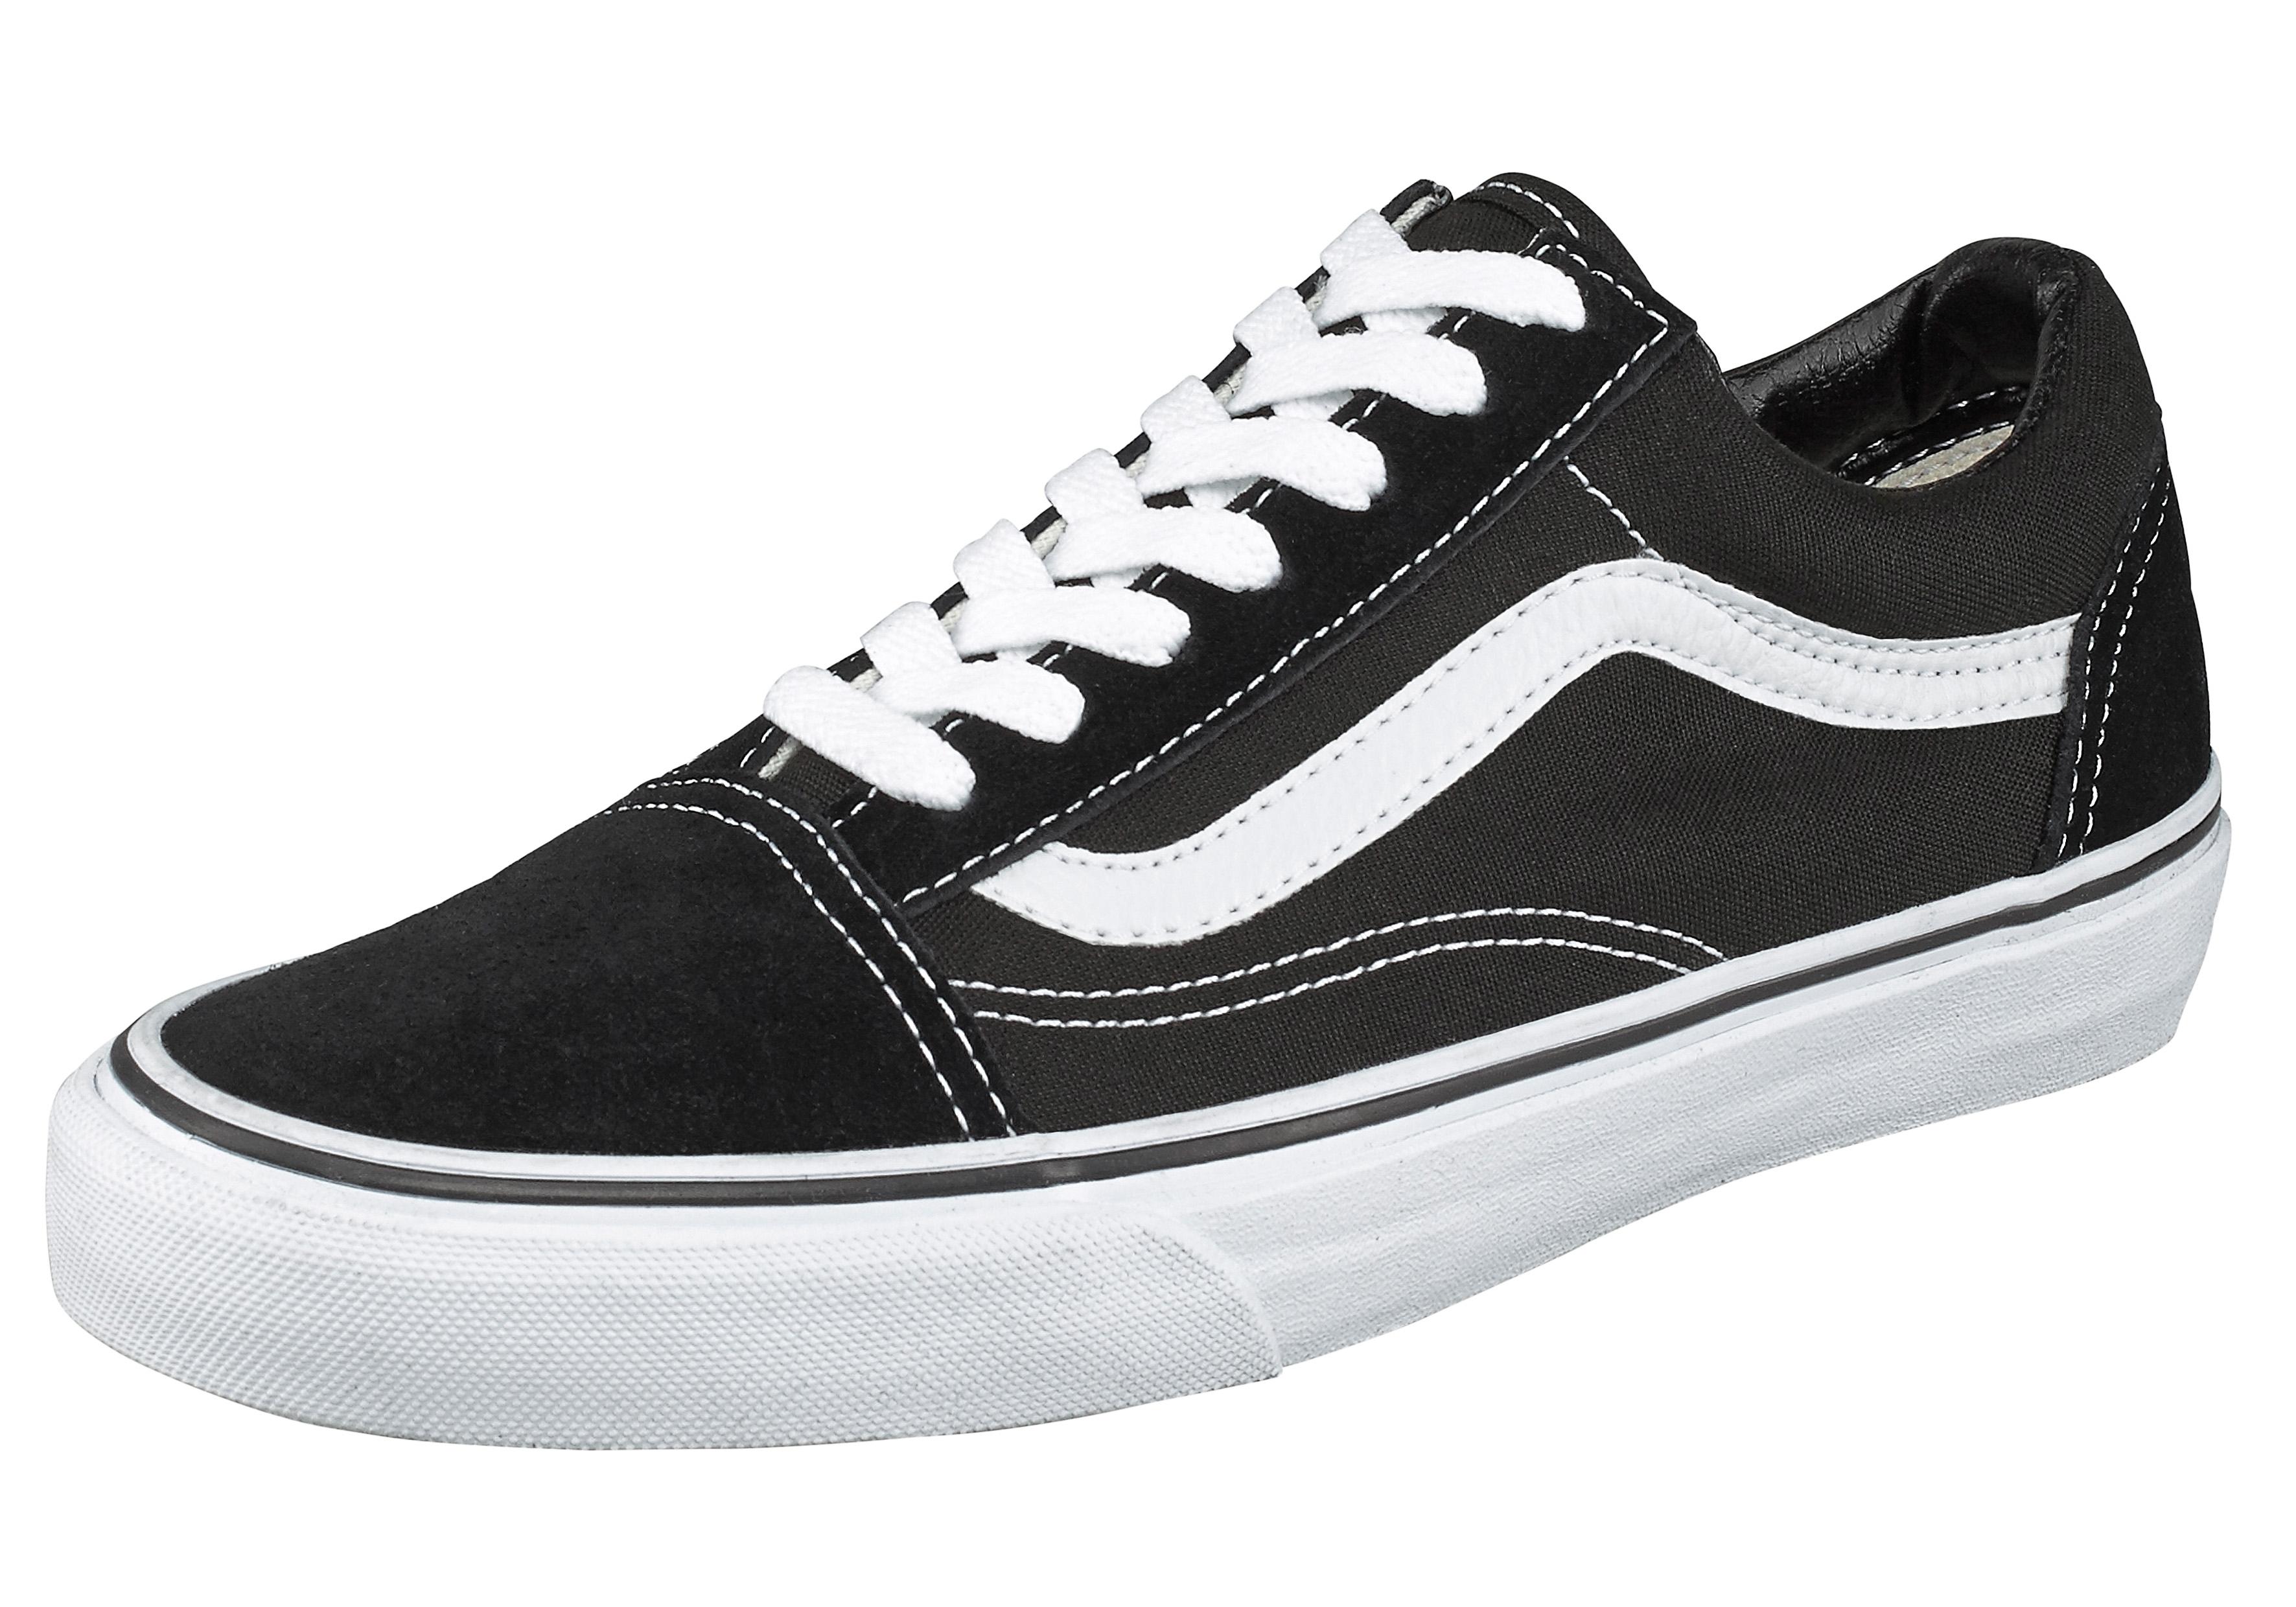 VANS Sneakers Old Skool - gratis ruilen op otto.nl